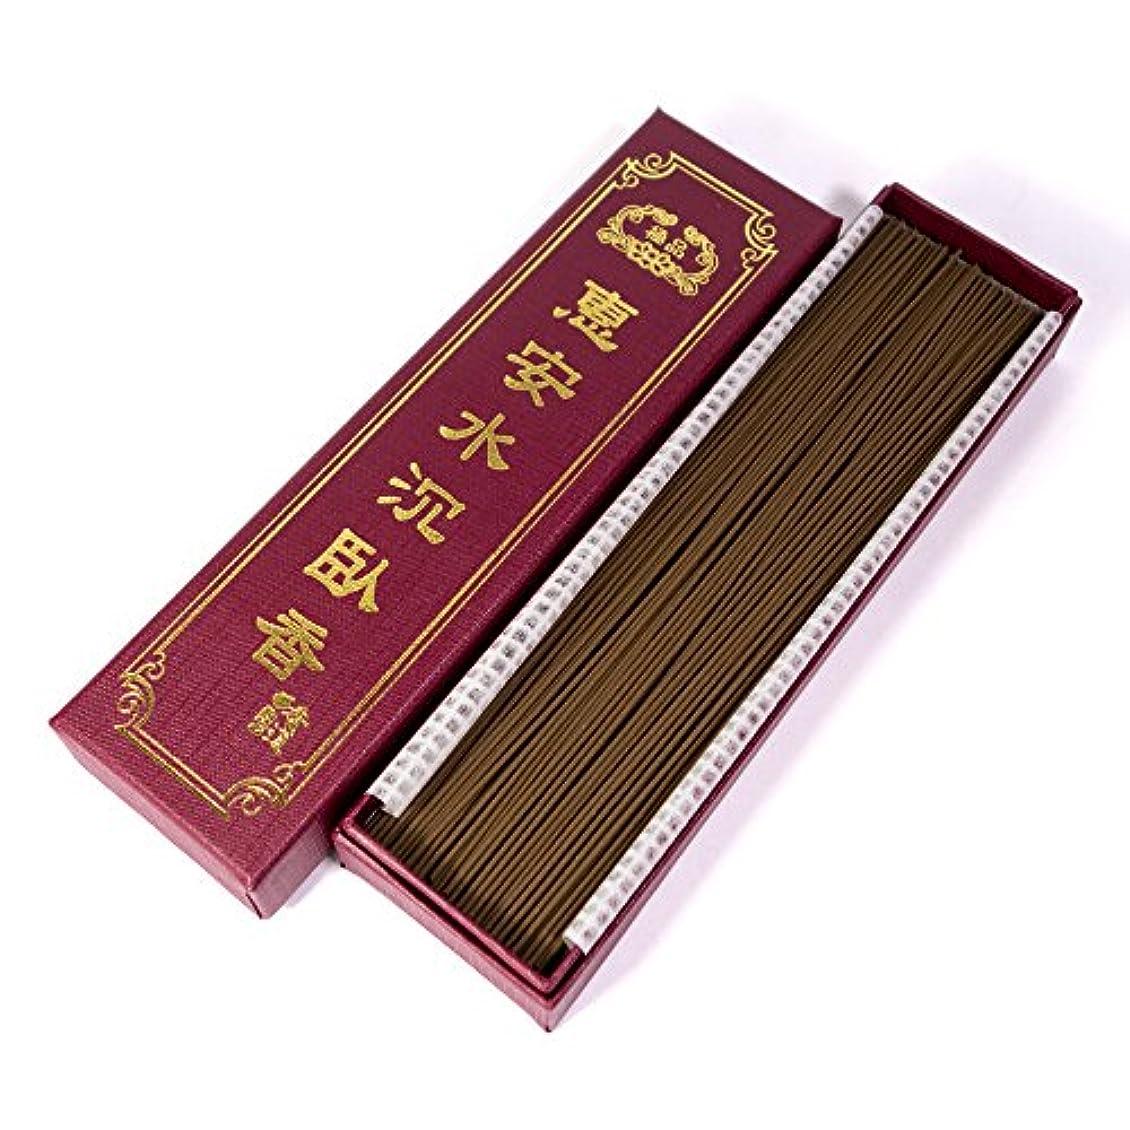 テーブルを設定する不注意大気台湾沉香舍 お香 香木 線香 水沈香 惠安水沈香 煙少香 21cm 75g 約220本